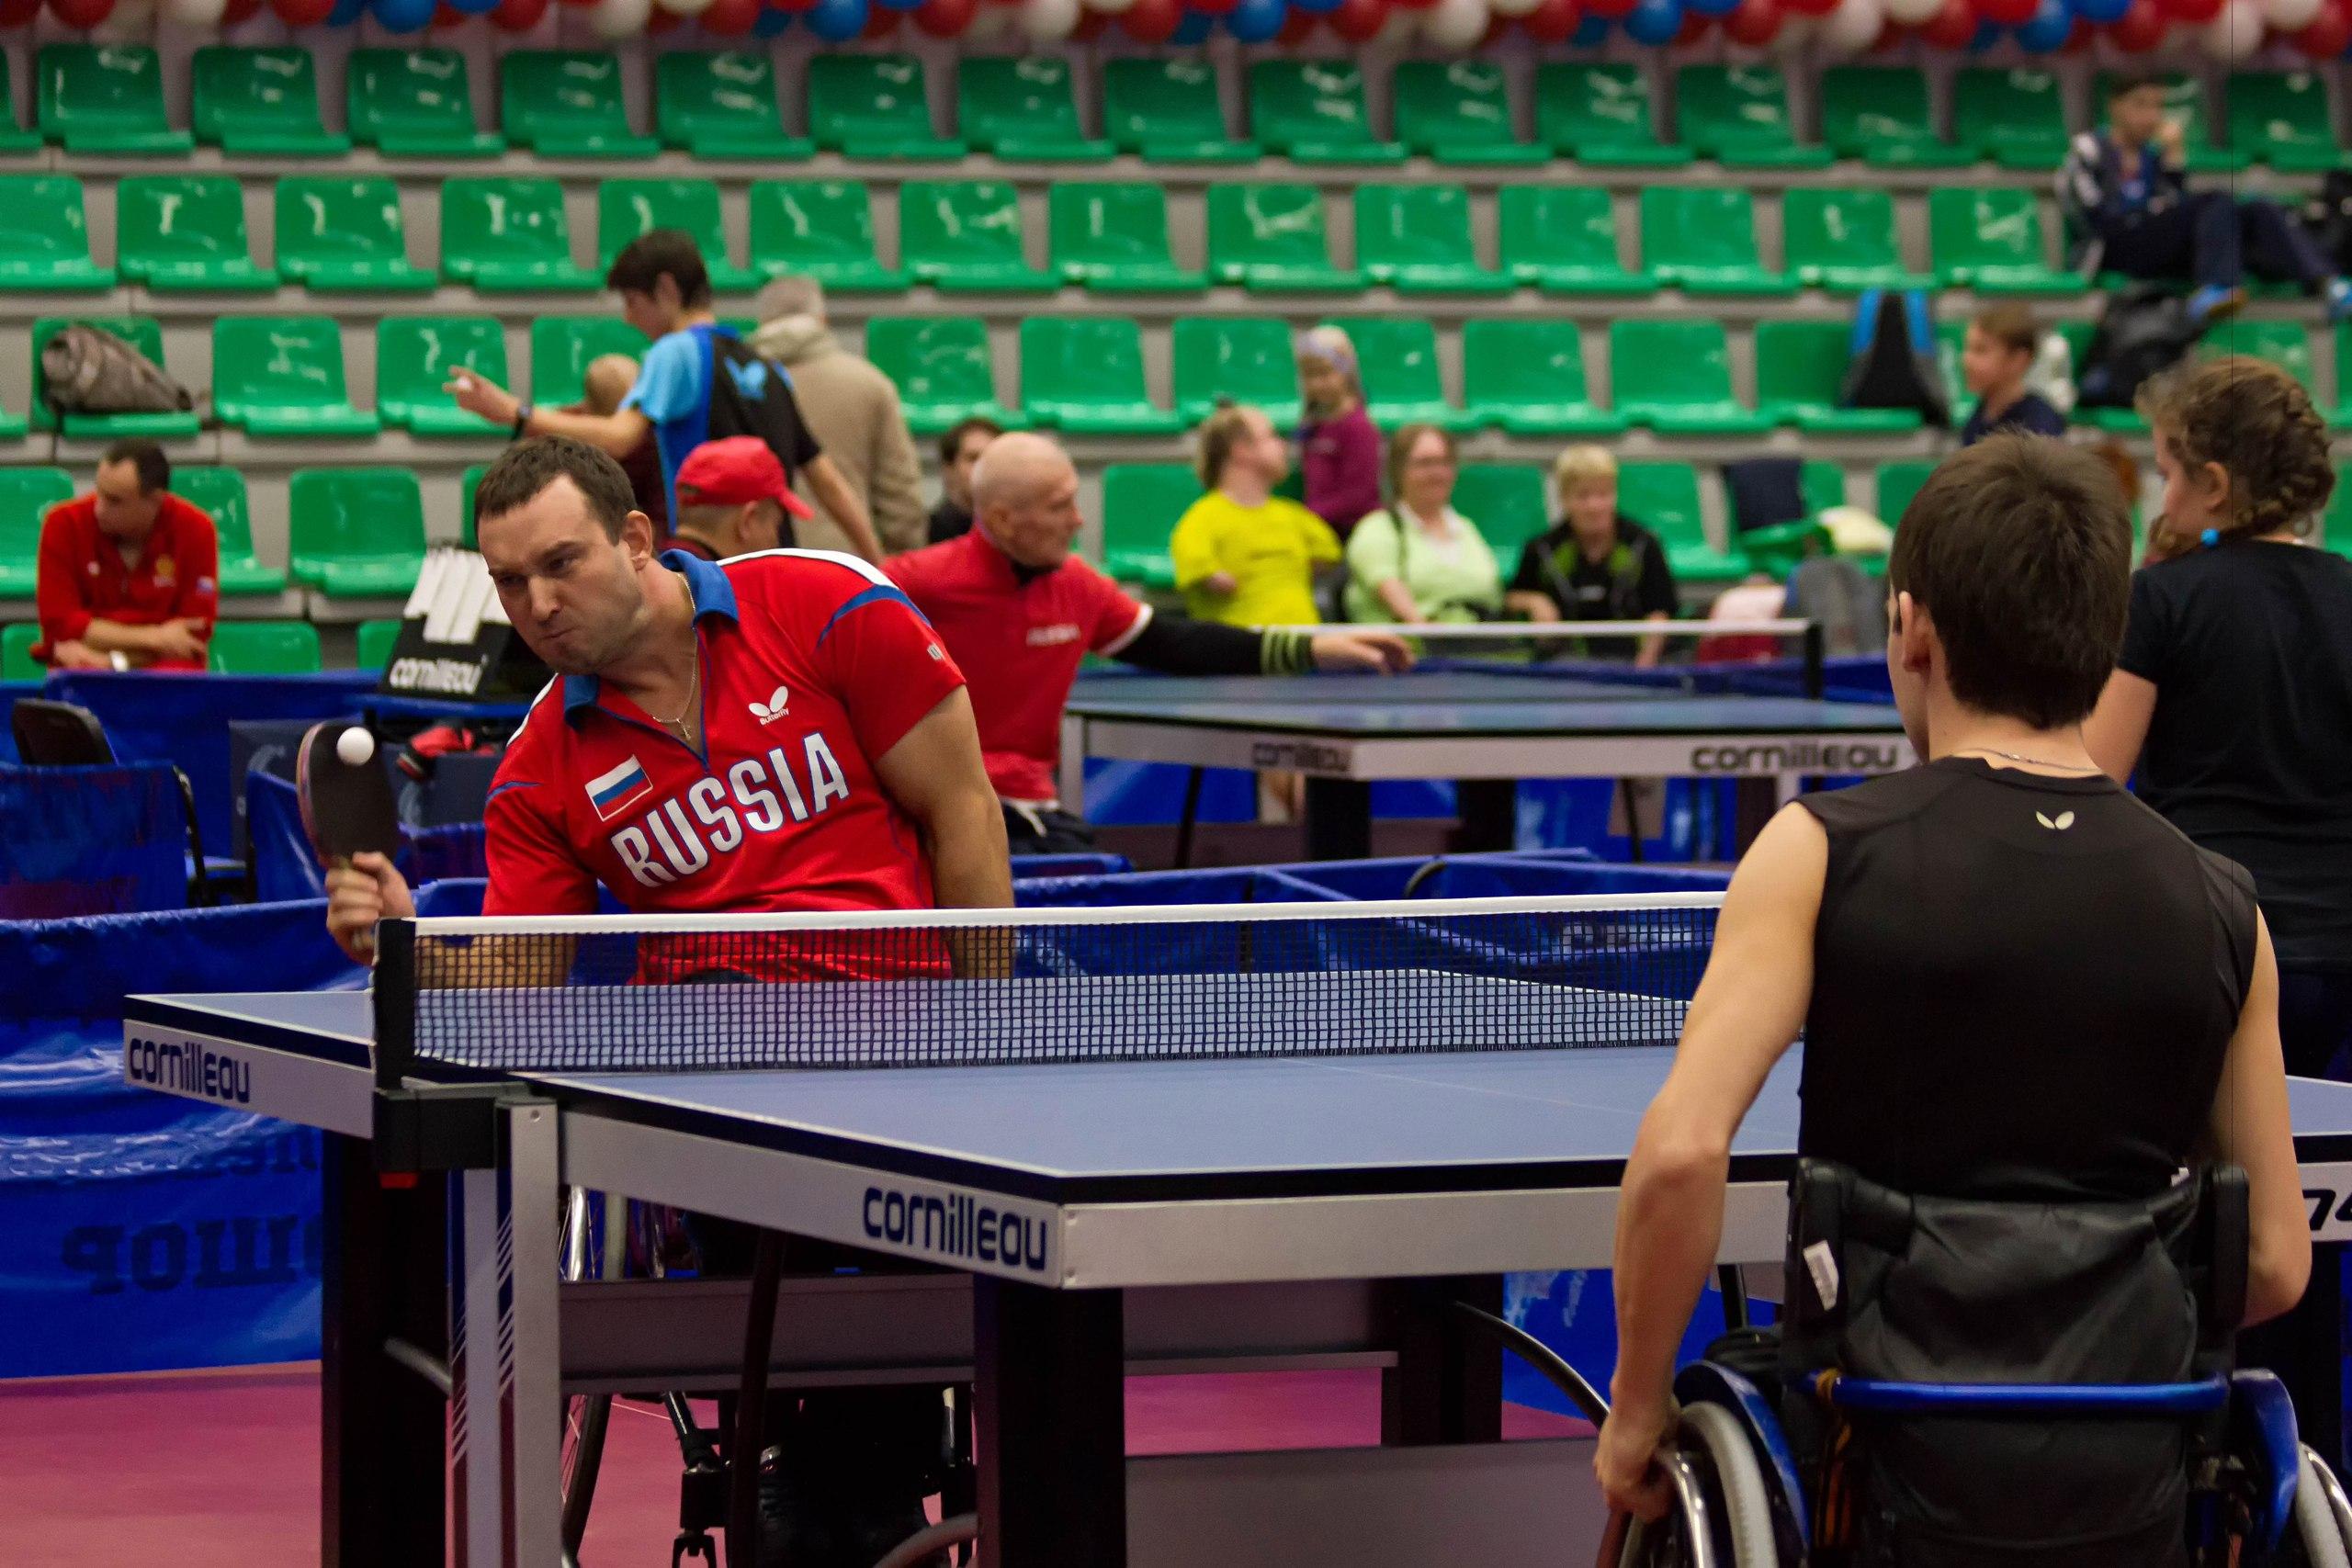 Рязанский колясочник стал призером Кубка РФ понастольному теннису